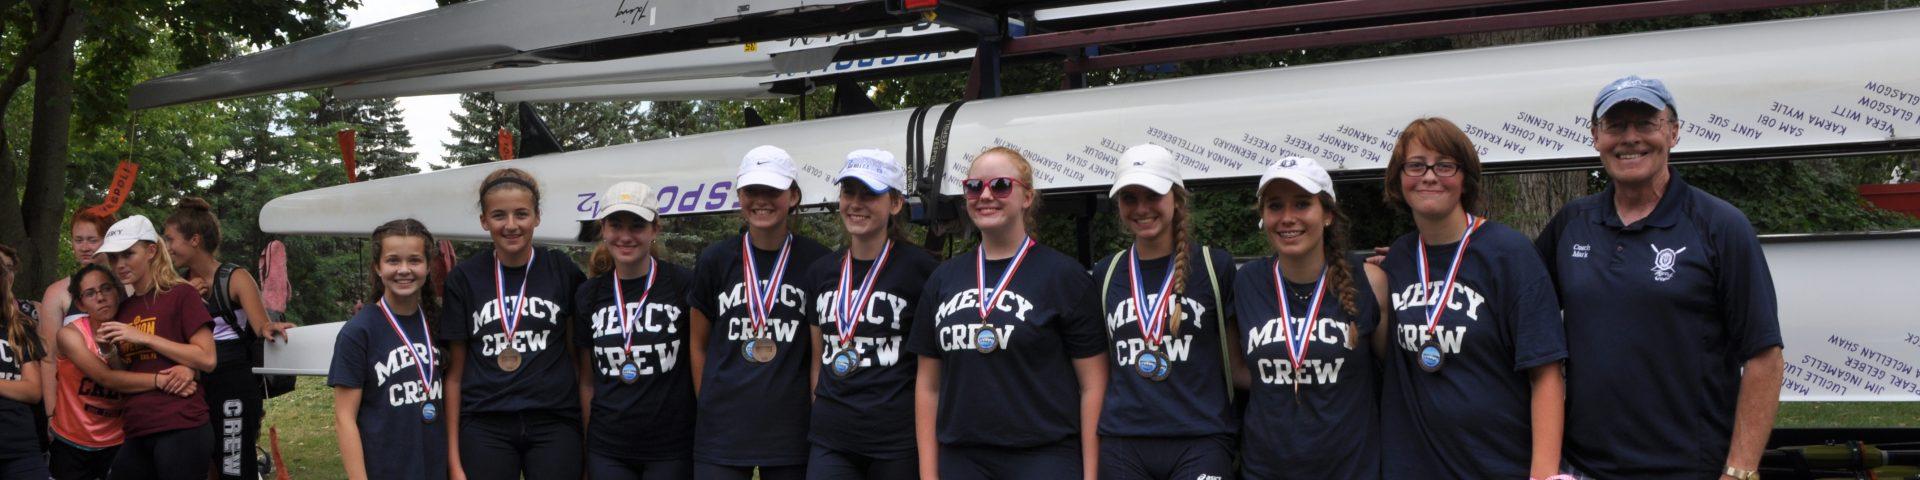 Mercy Crew Team